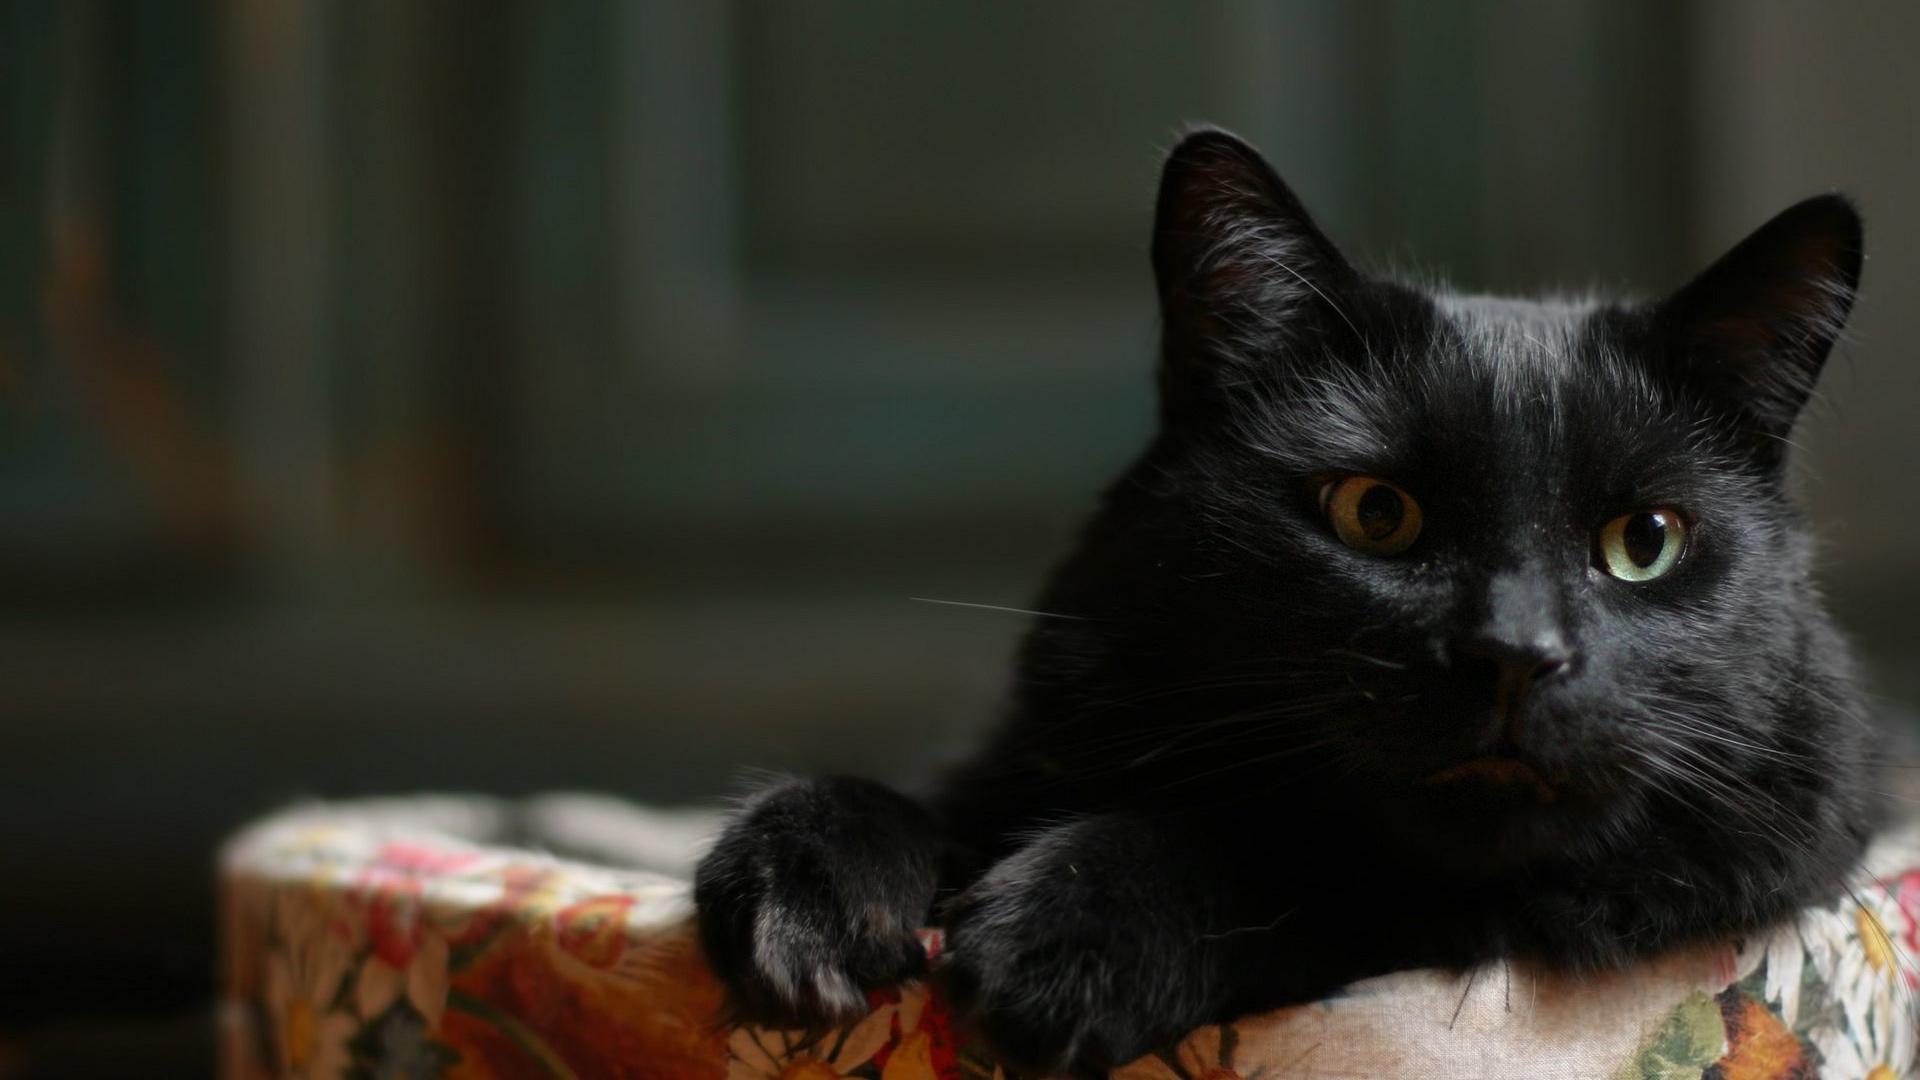 Картинка с черной кошкой